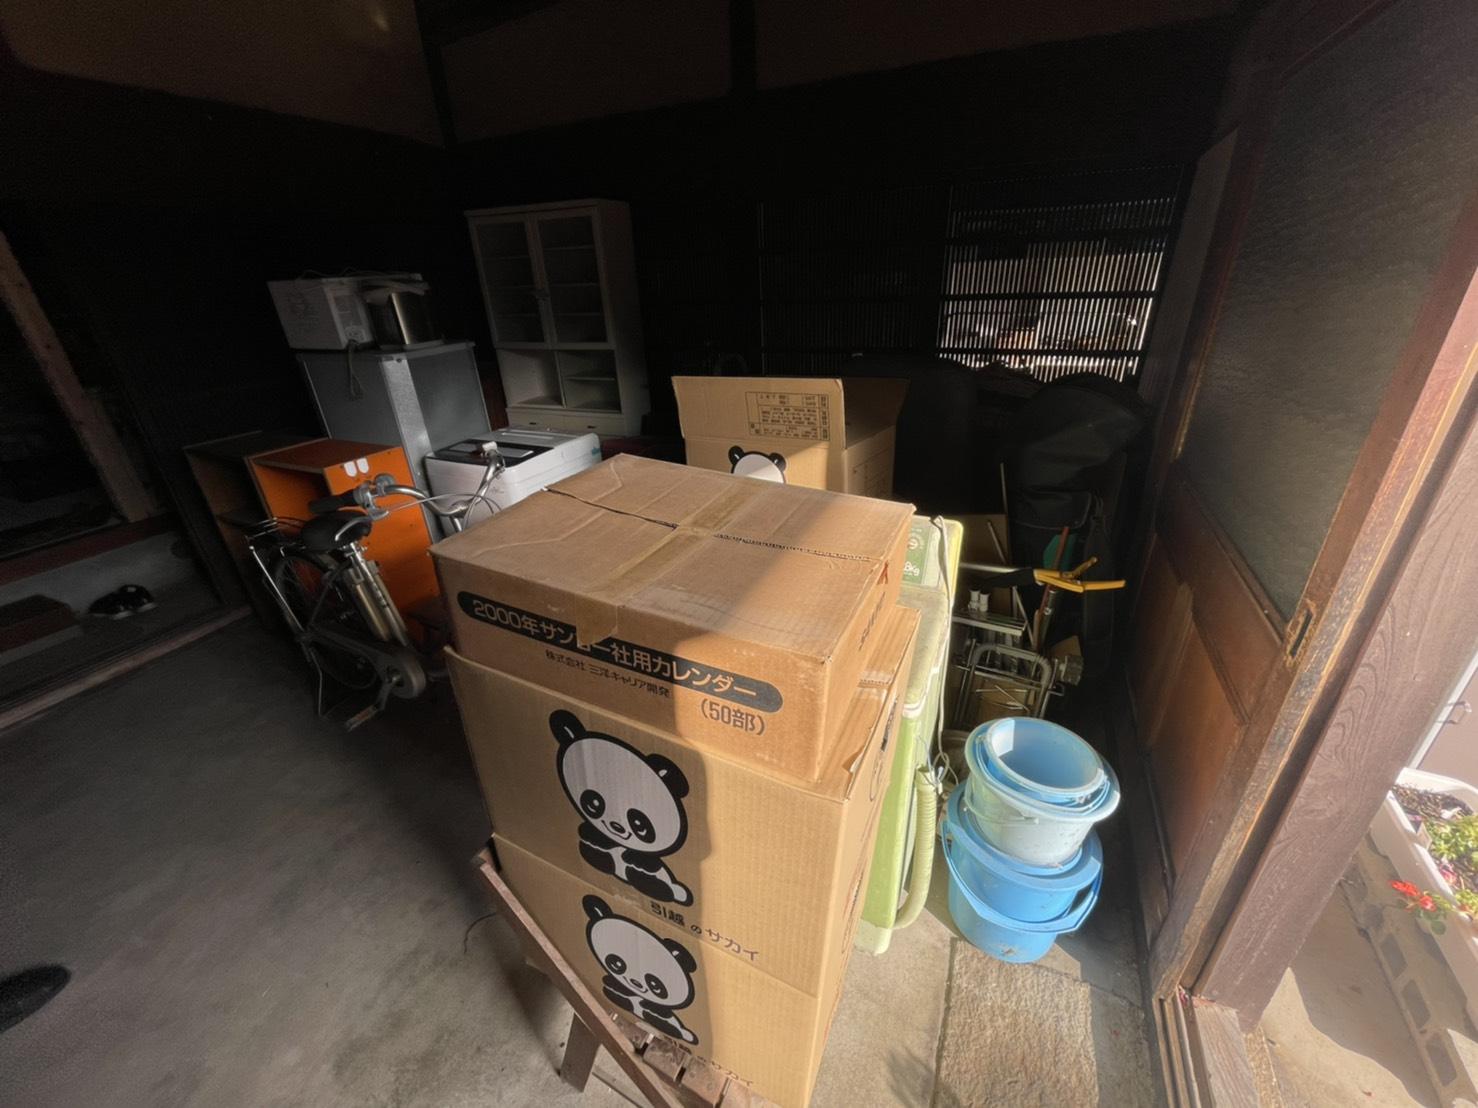 洗濯機、冷蔵庫、自転車の回収前